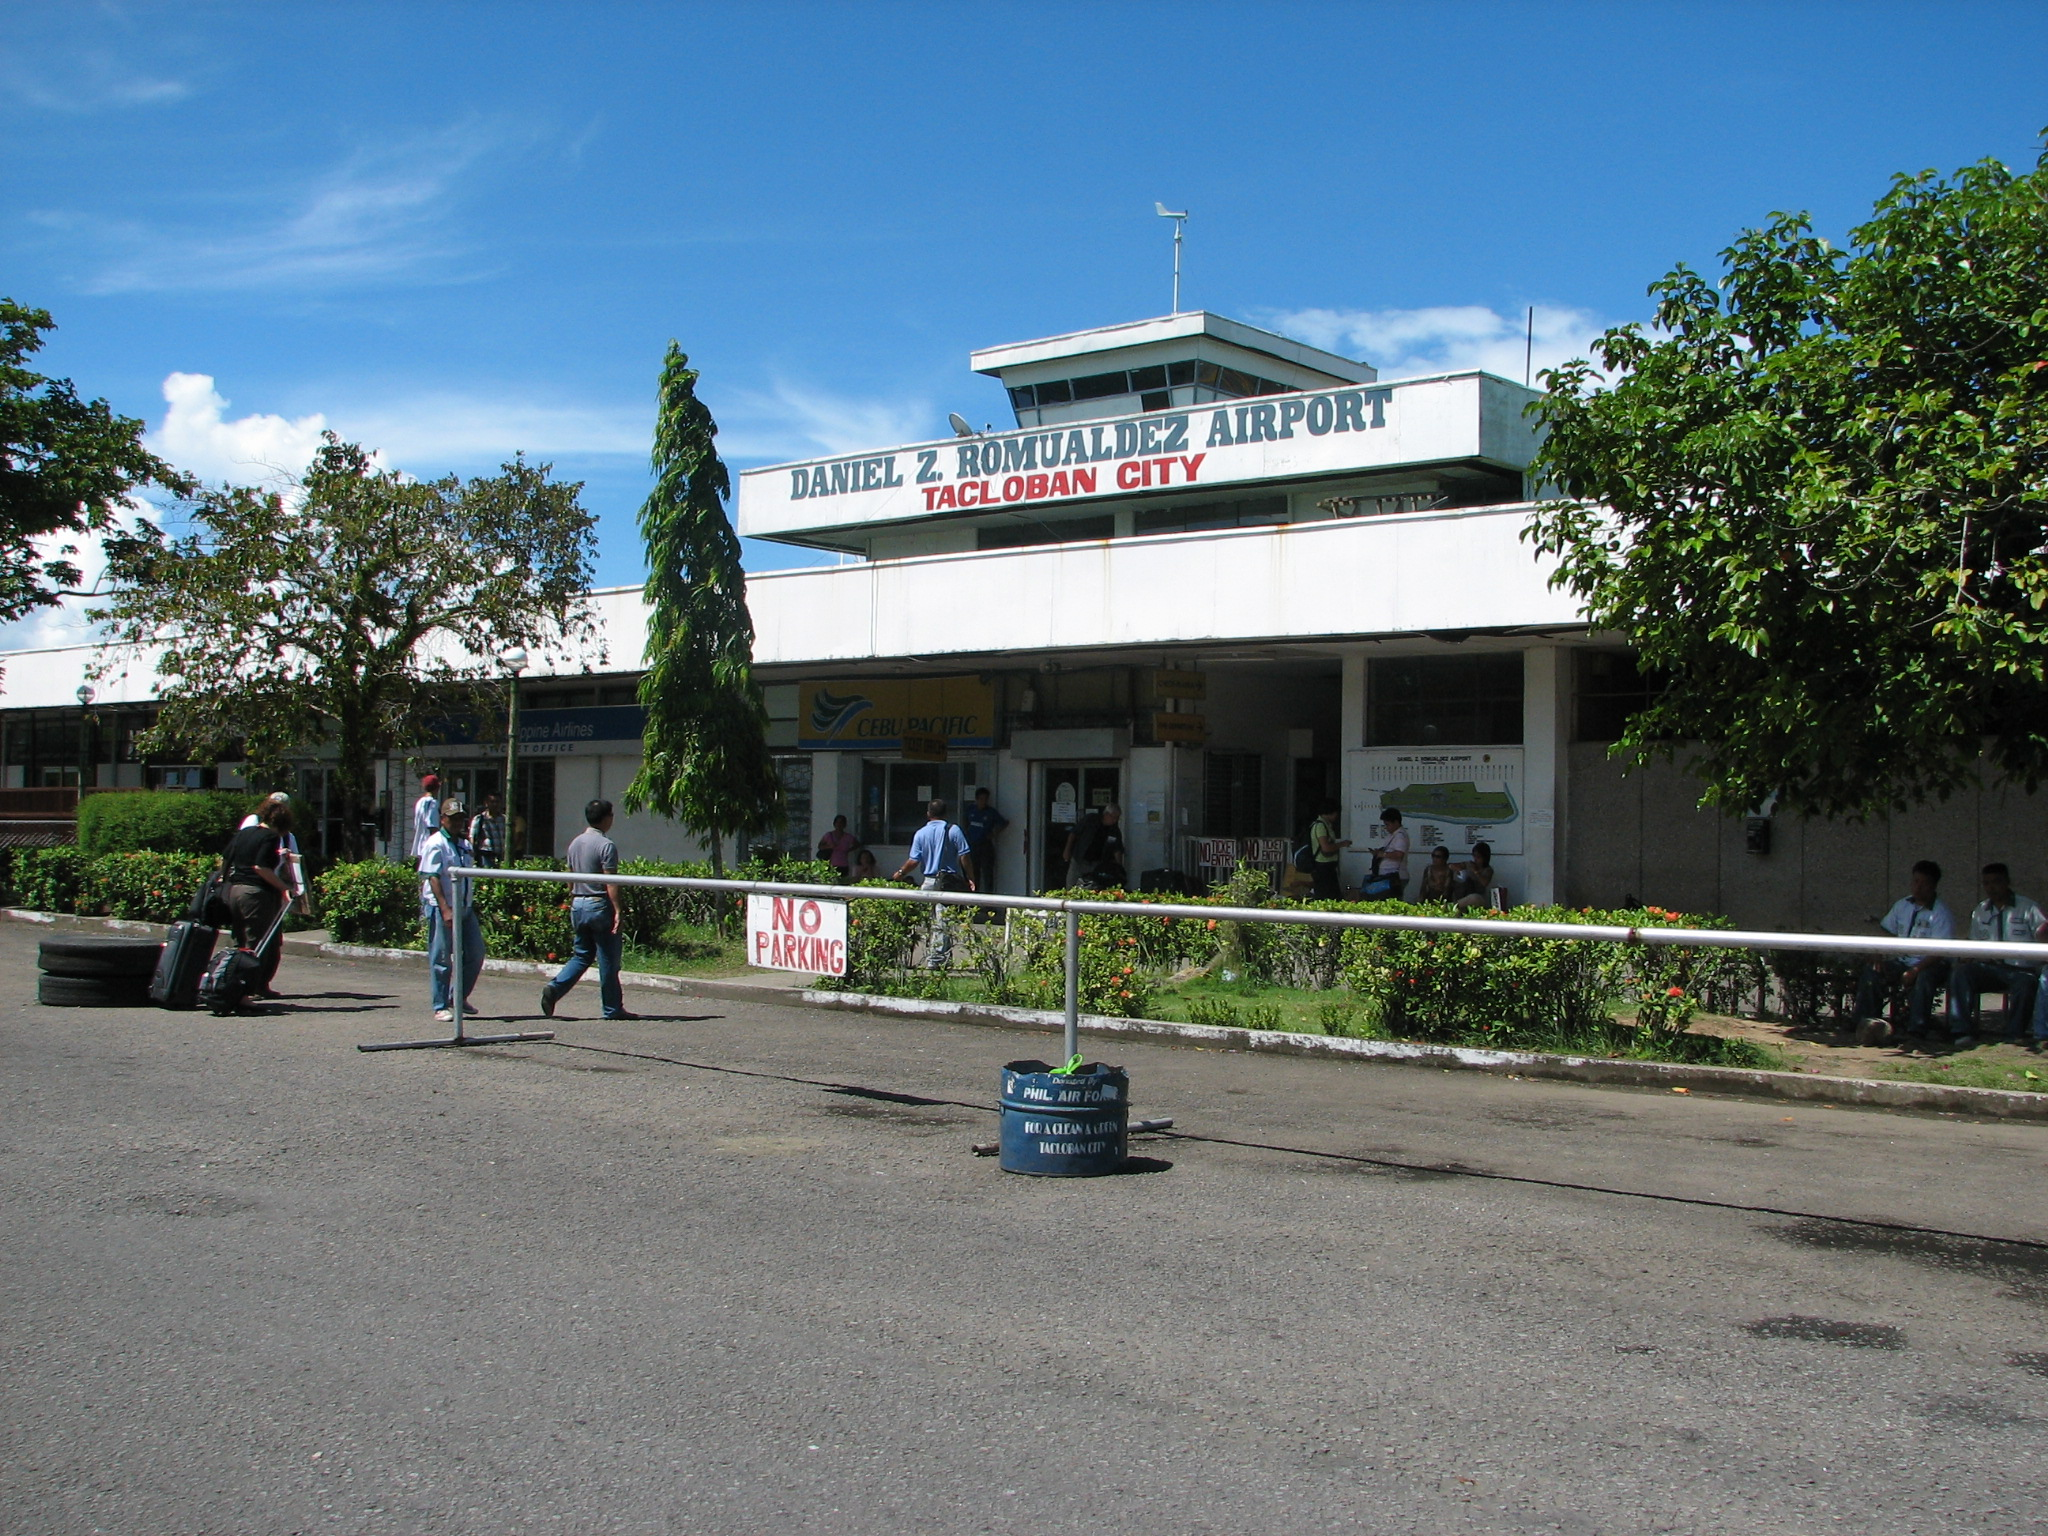 فرودگاه دنیل ز. روموالدز